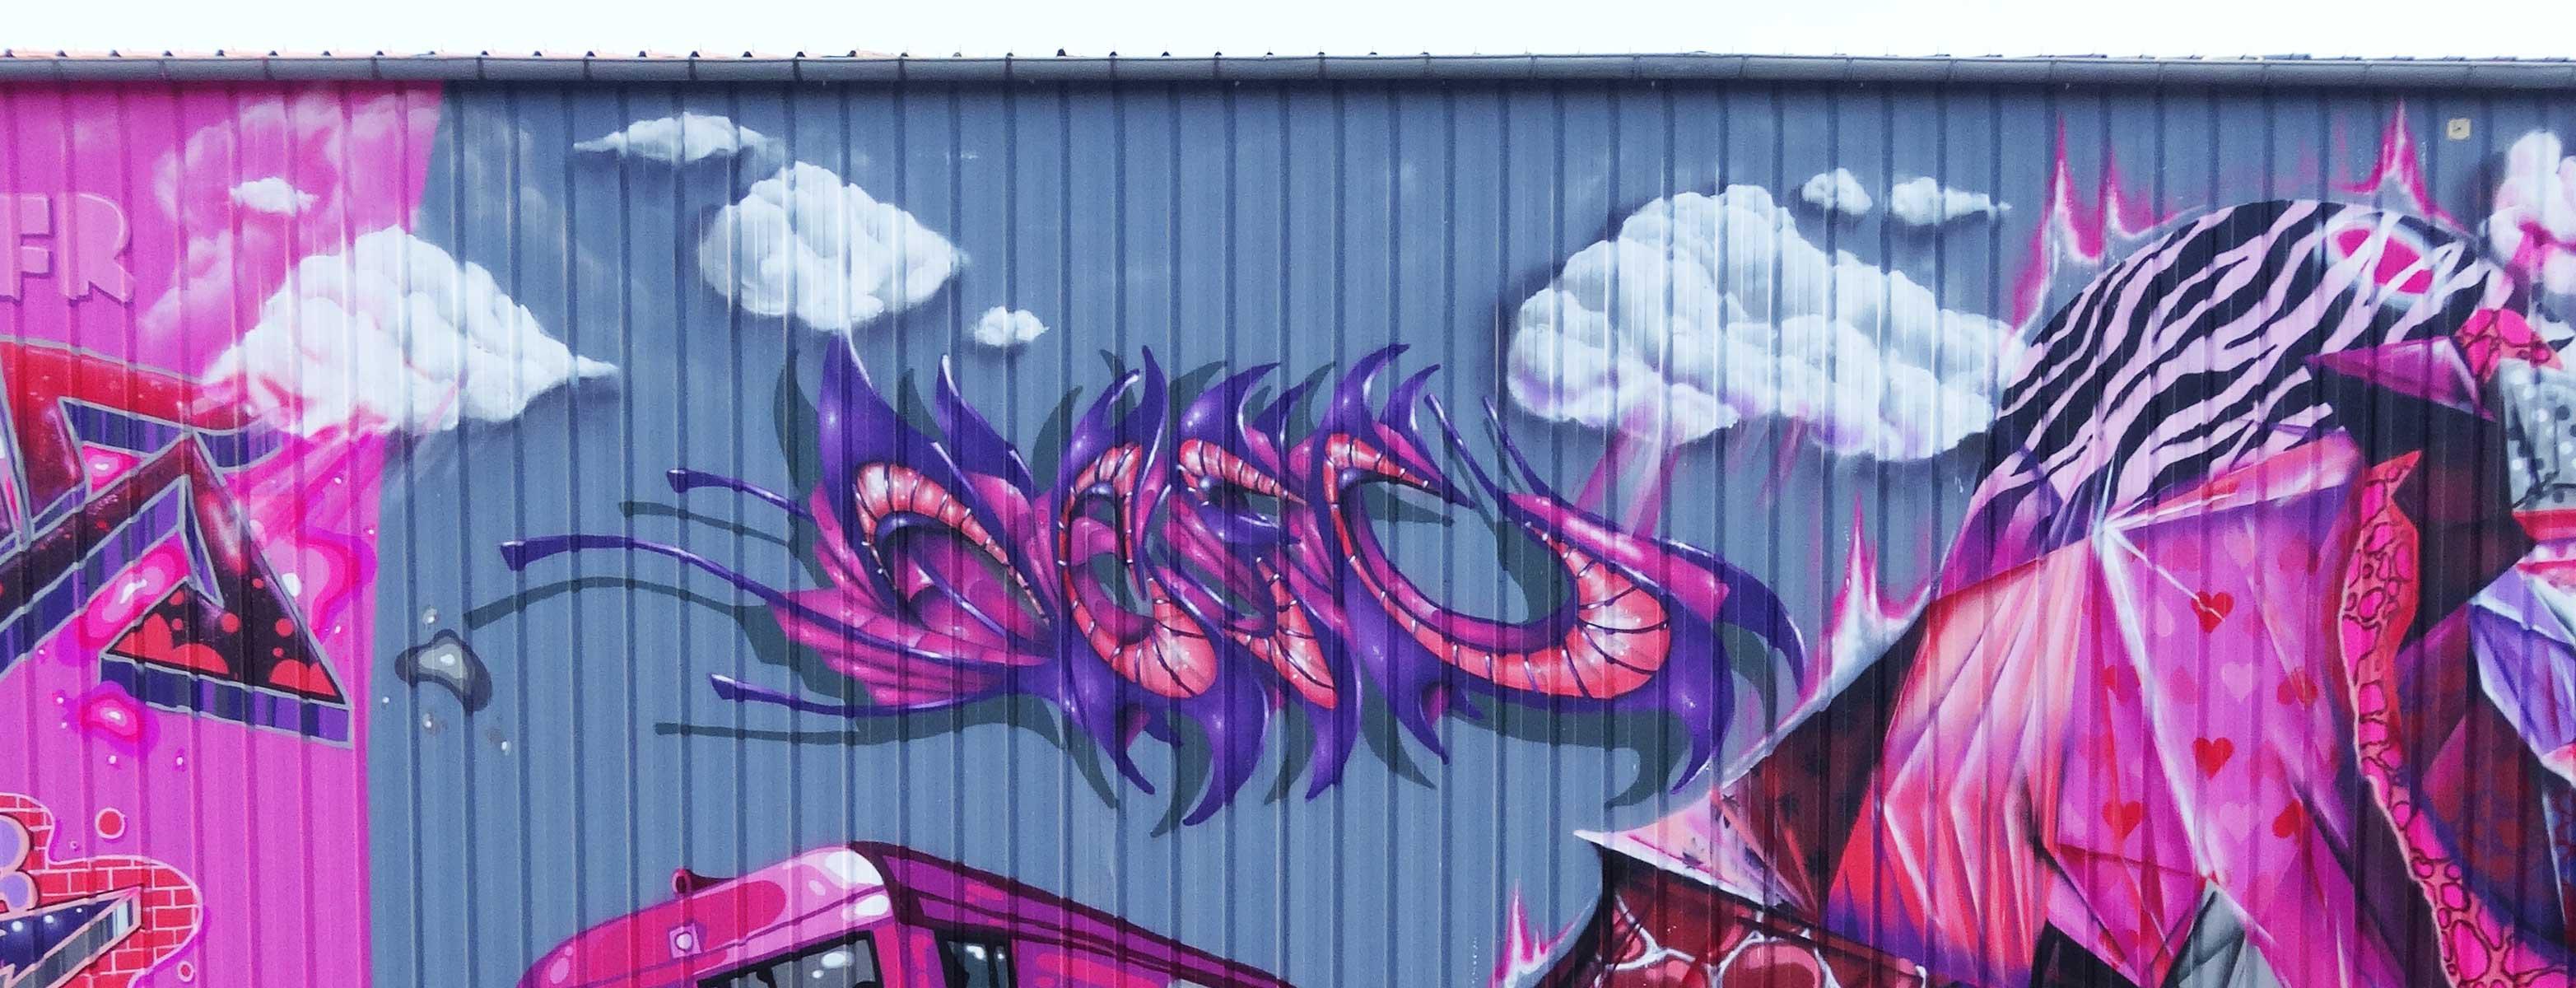 deft_sernam_graffiti_4